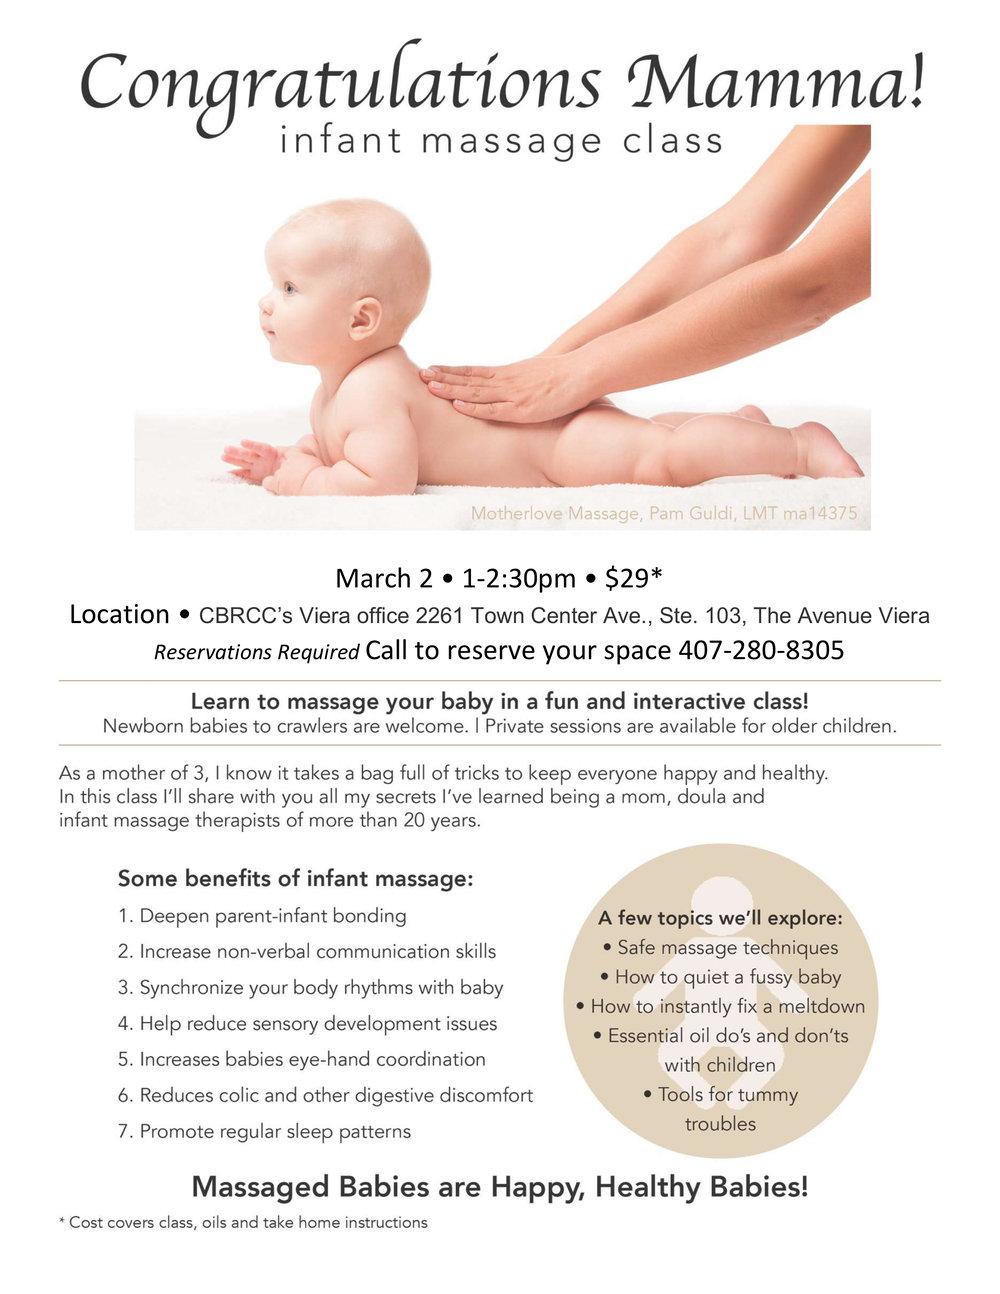 Baby Massage flier 2018 March 2.jpg